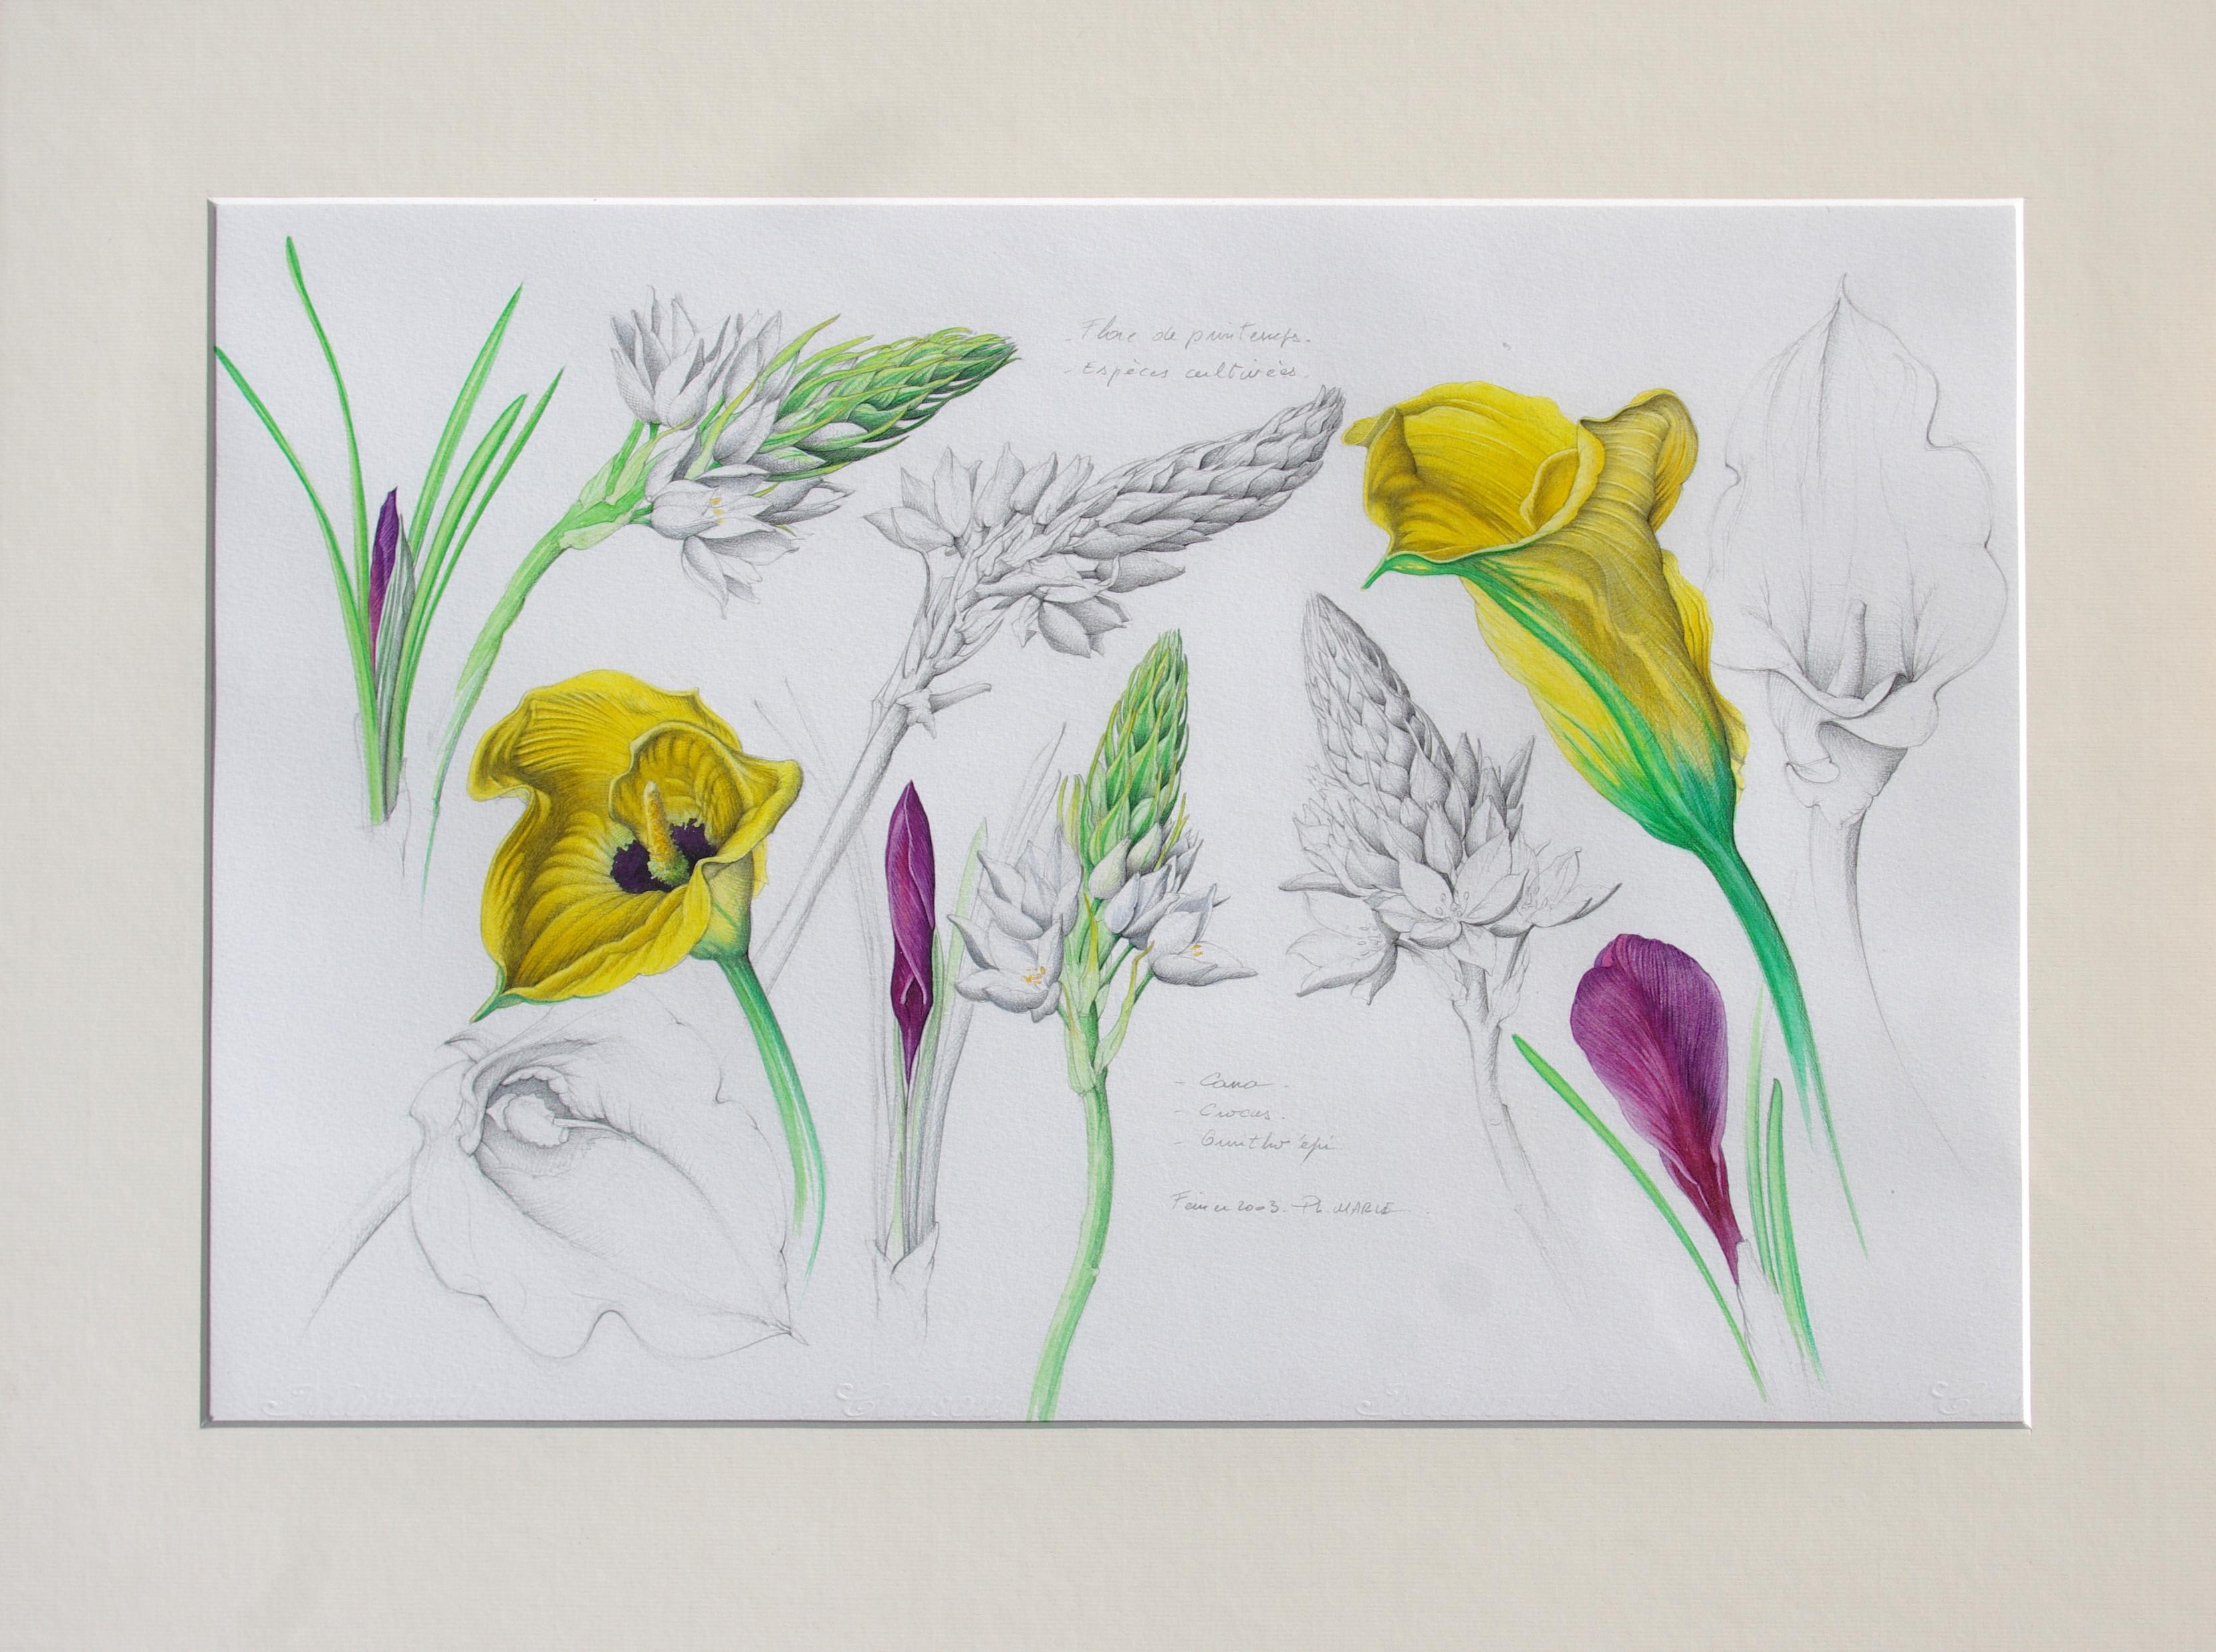 Fleurs horticoles